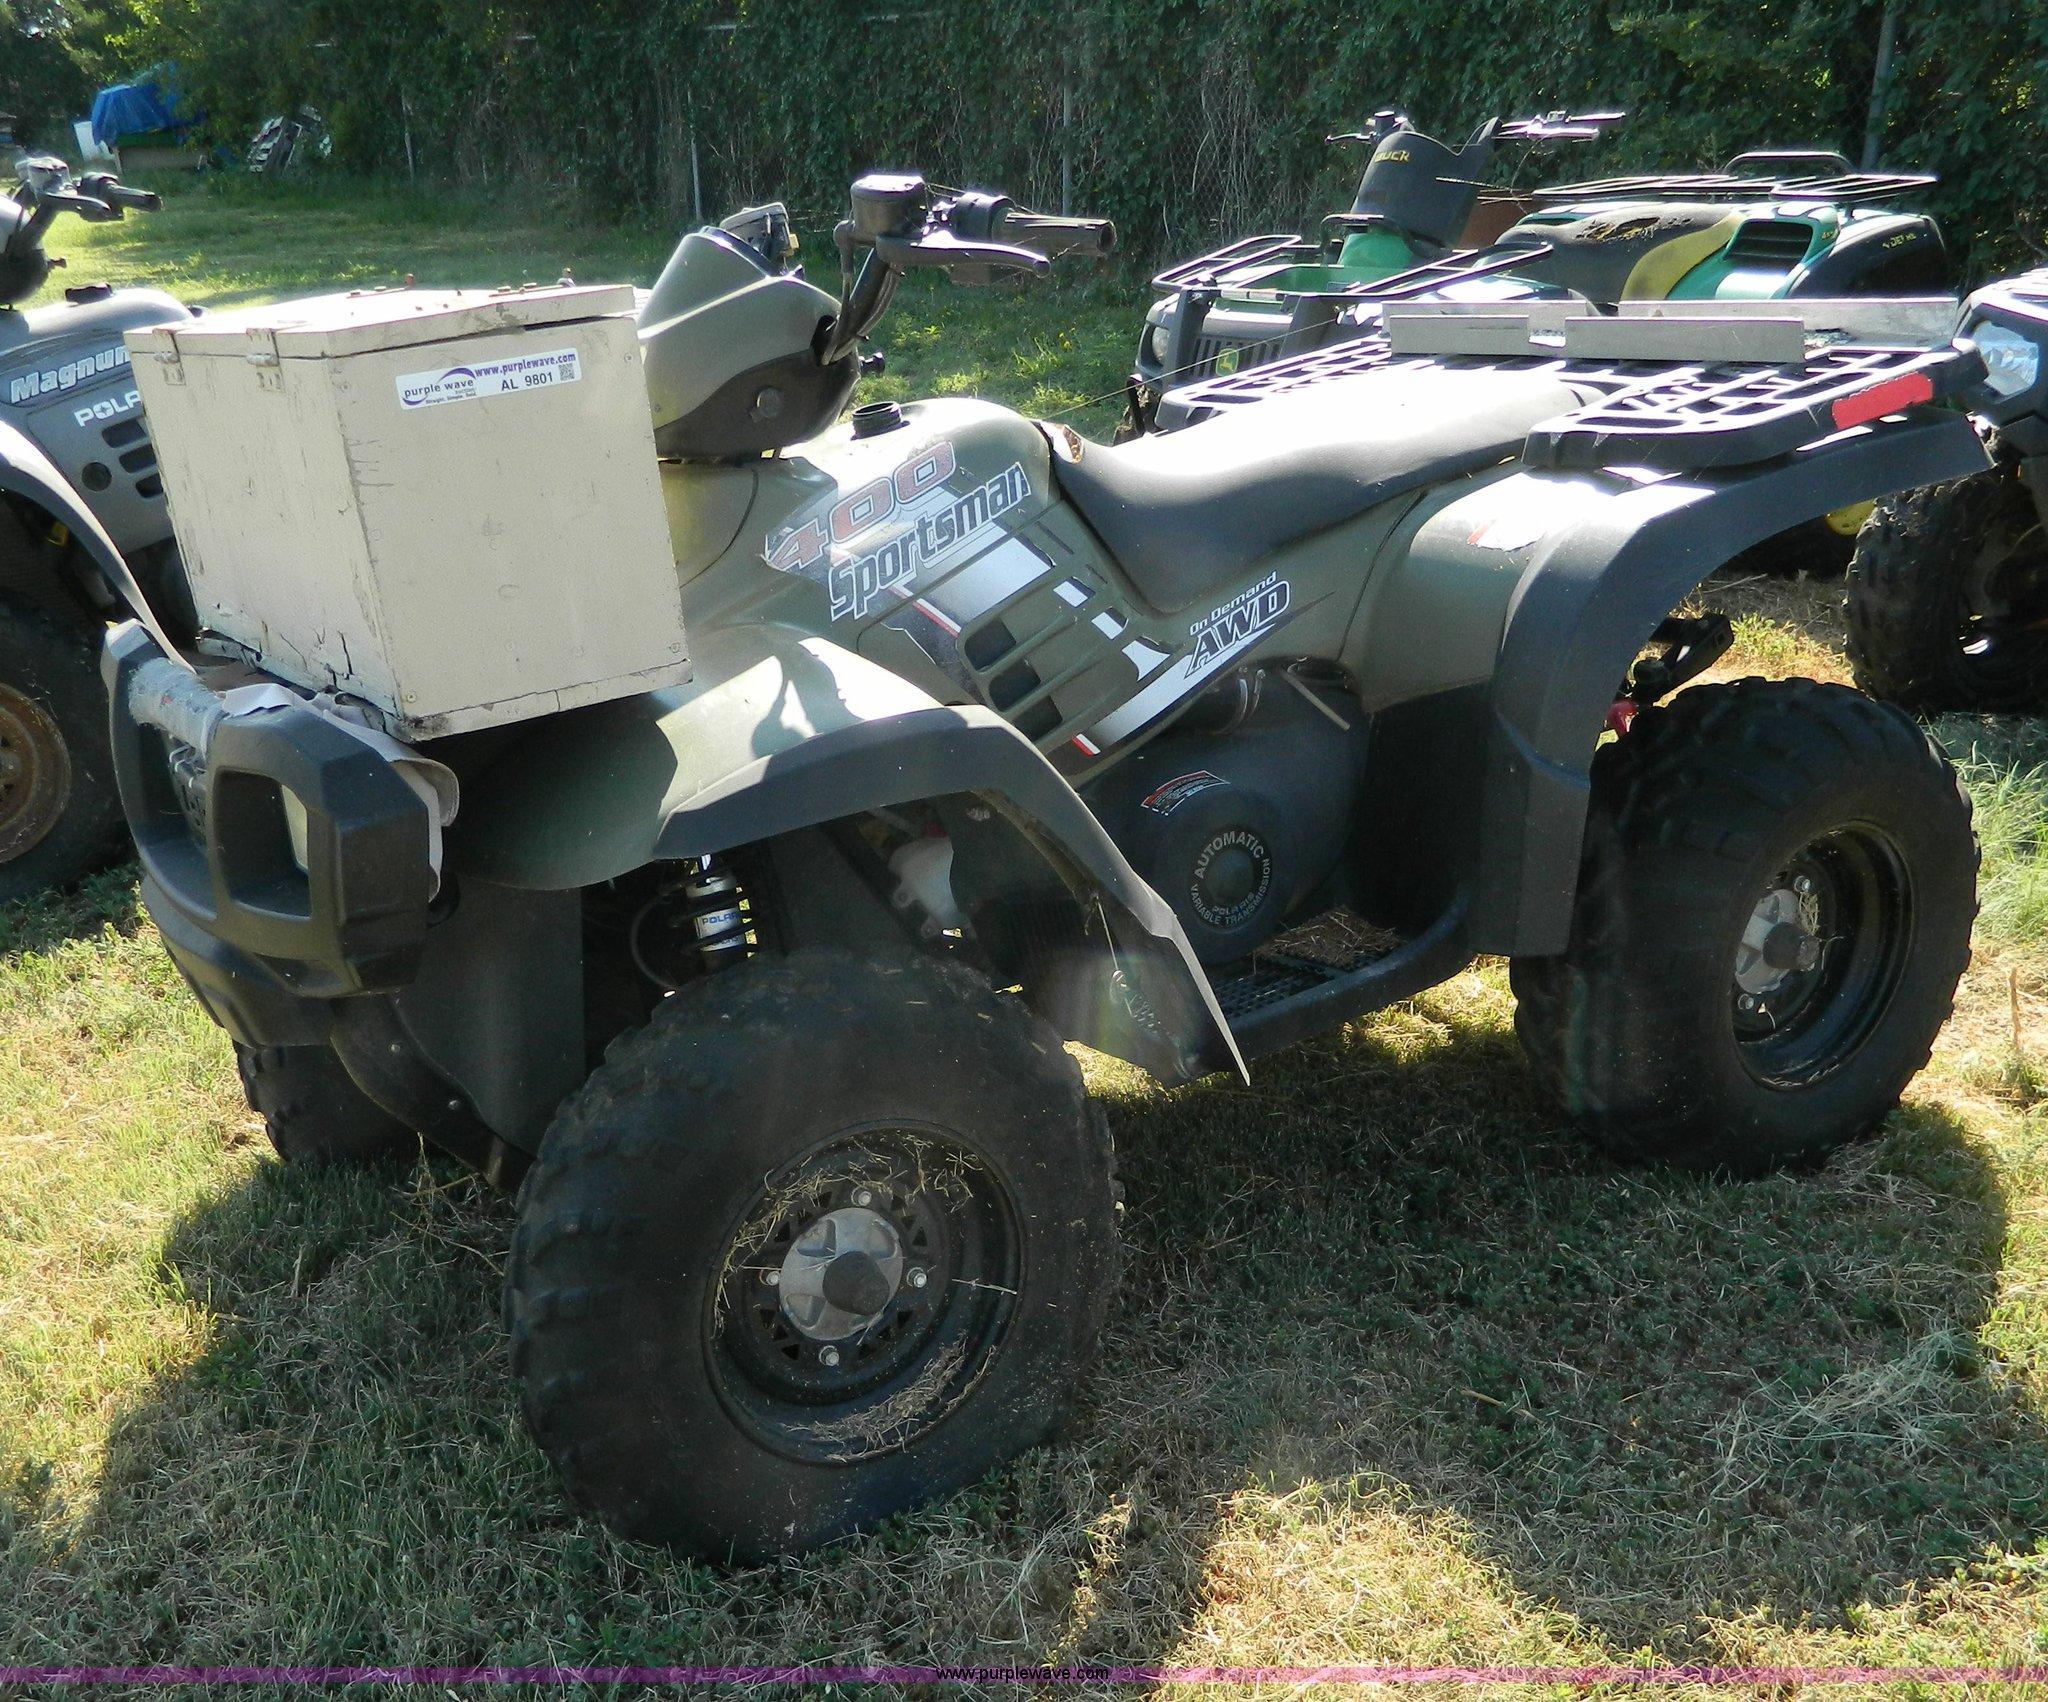 2004 Polaris Sportsman 400 ATV   Item AL9801   SOLD! Septemb